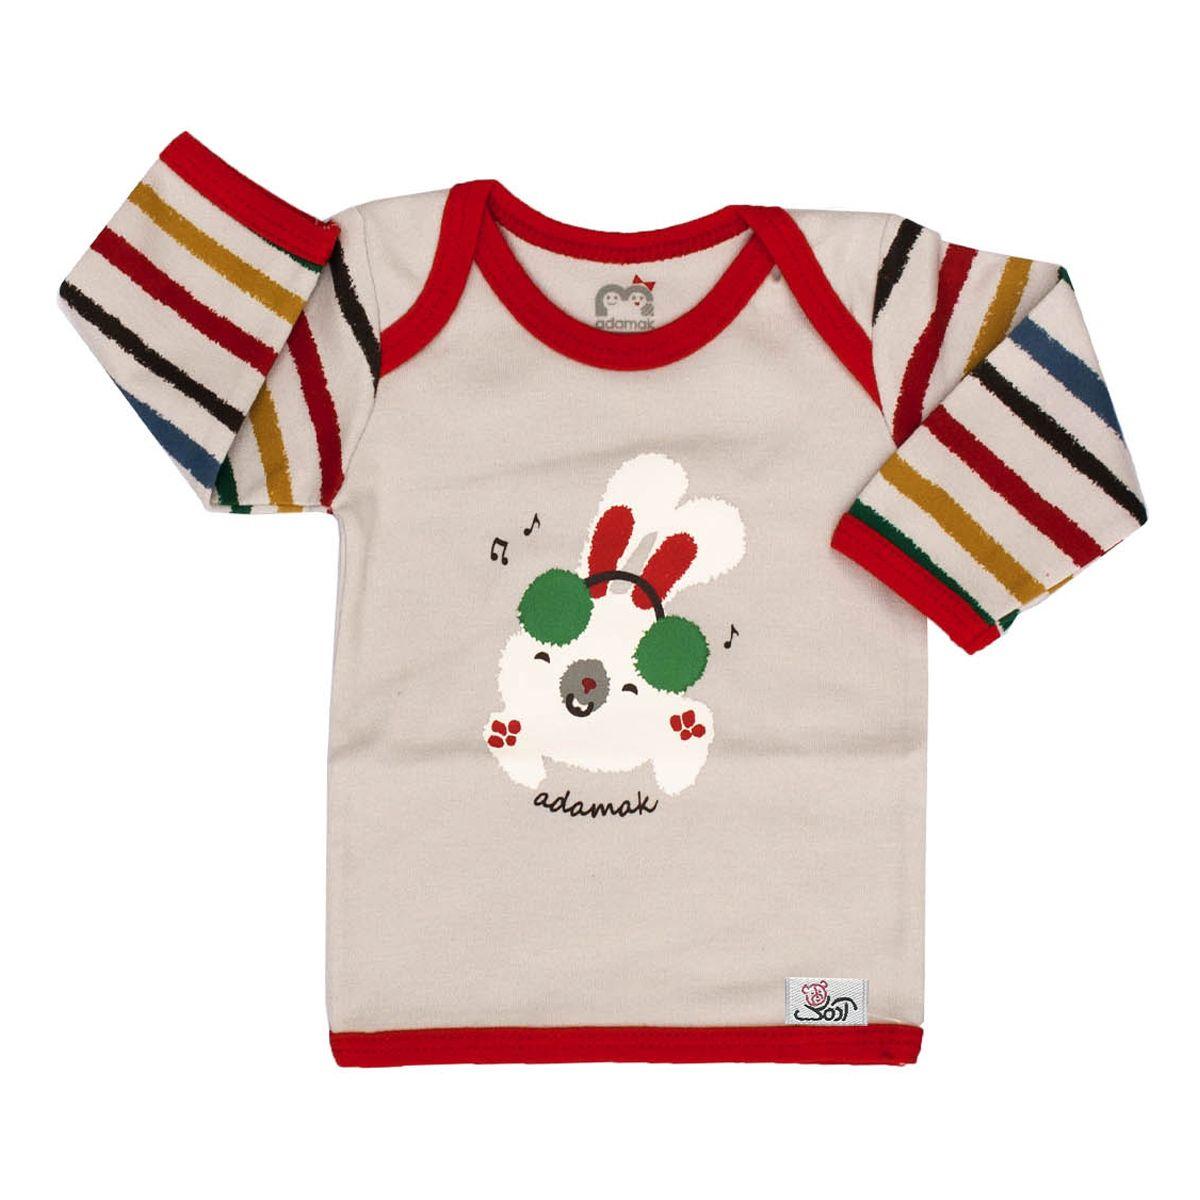 ست 5 تکه لباس نوزادی آدمک مدل Dj -  - 3